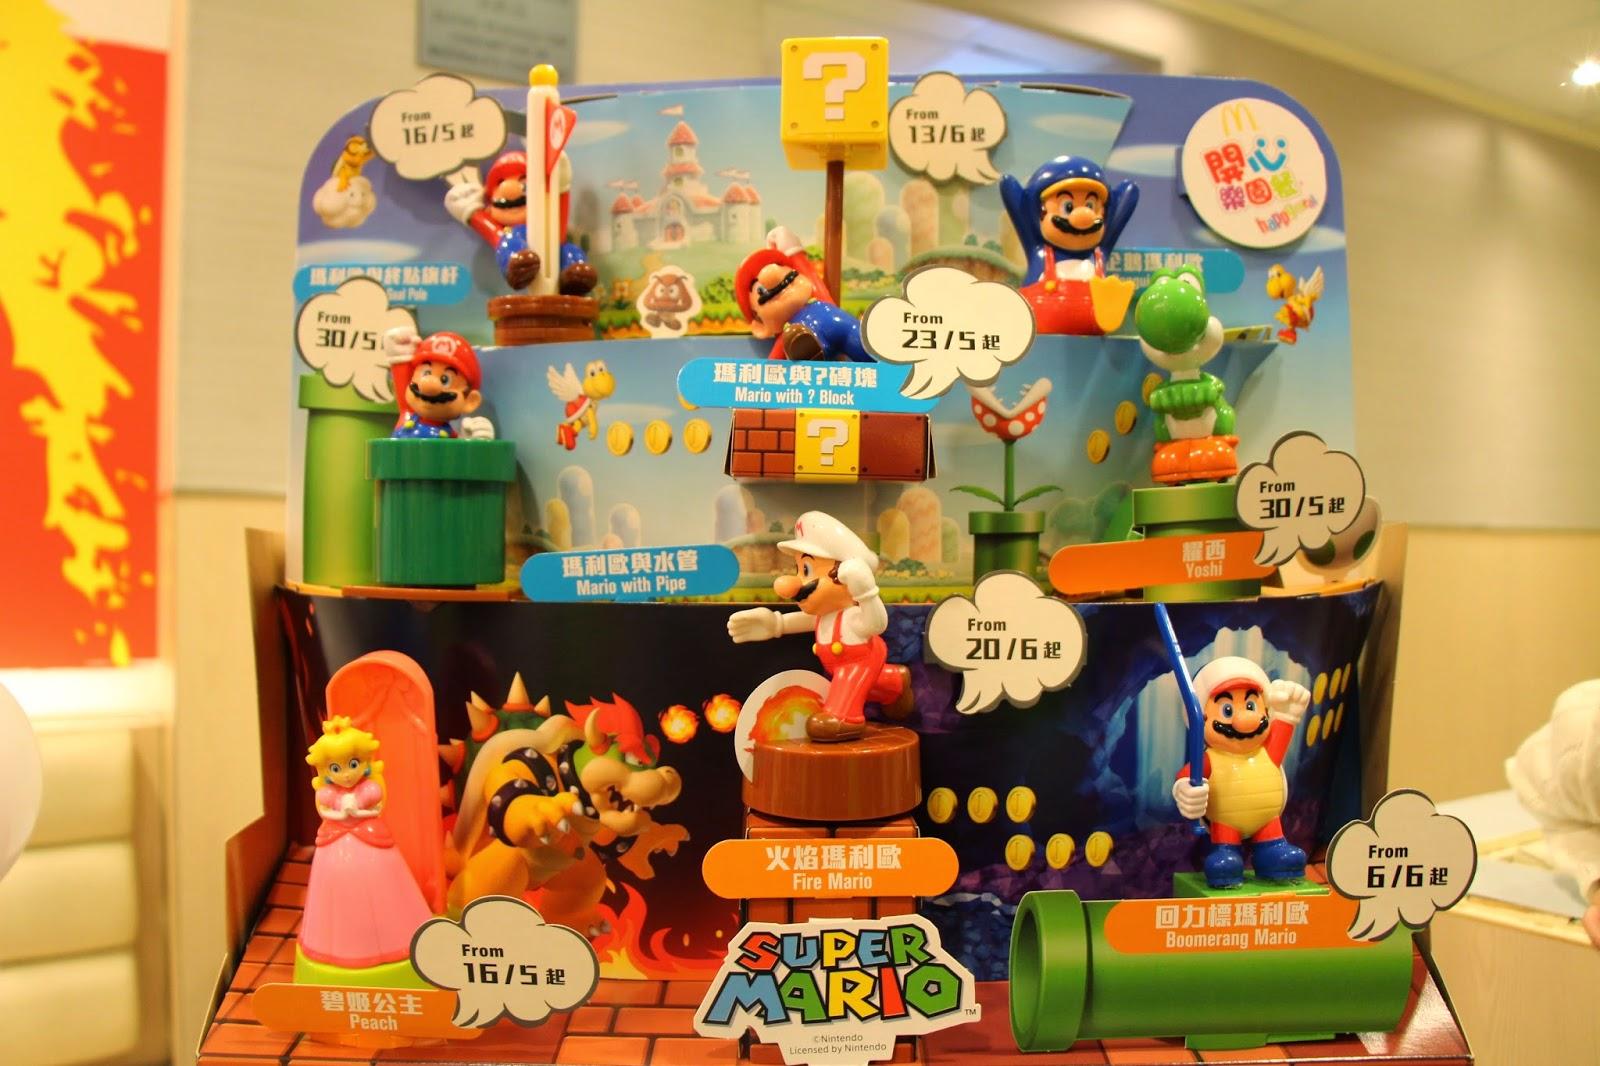 甜魔媽媽新天地: 麥當勞開心樂園餐® x Super Mario 好玩開心聚餐活動